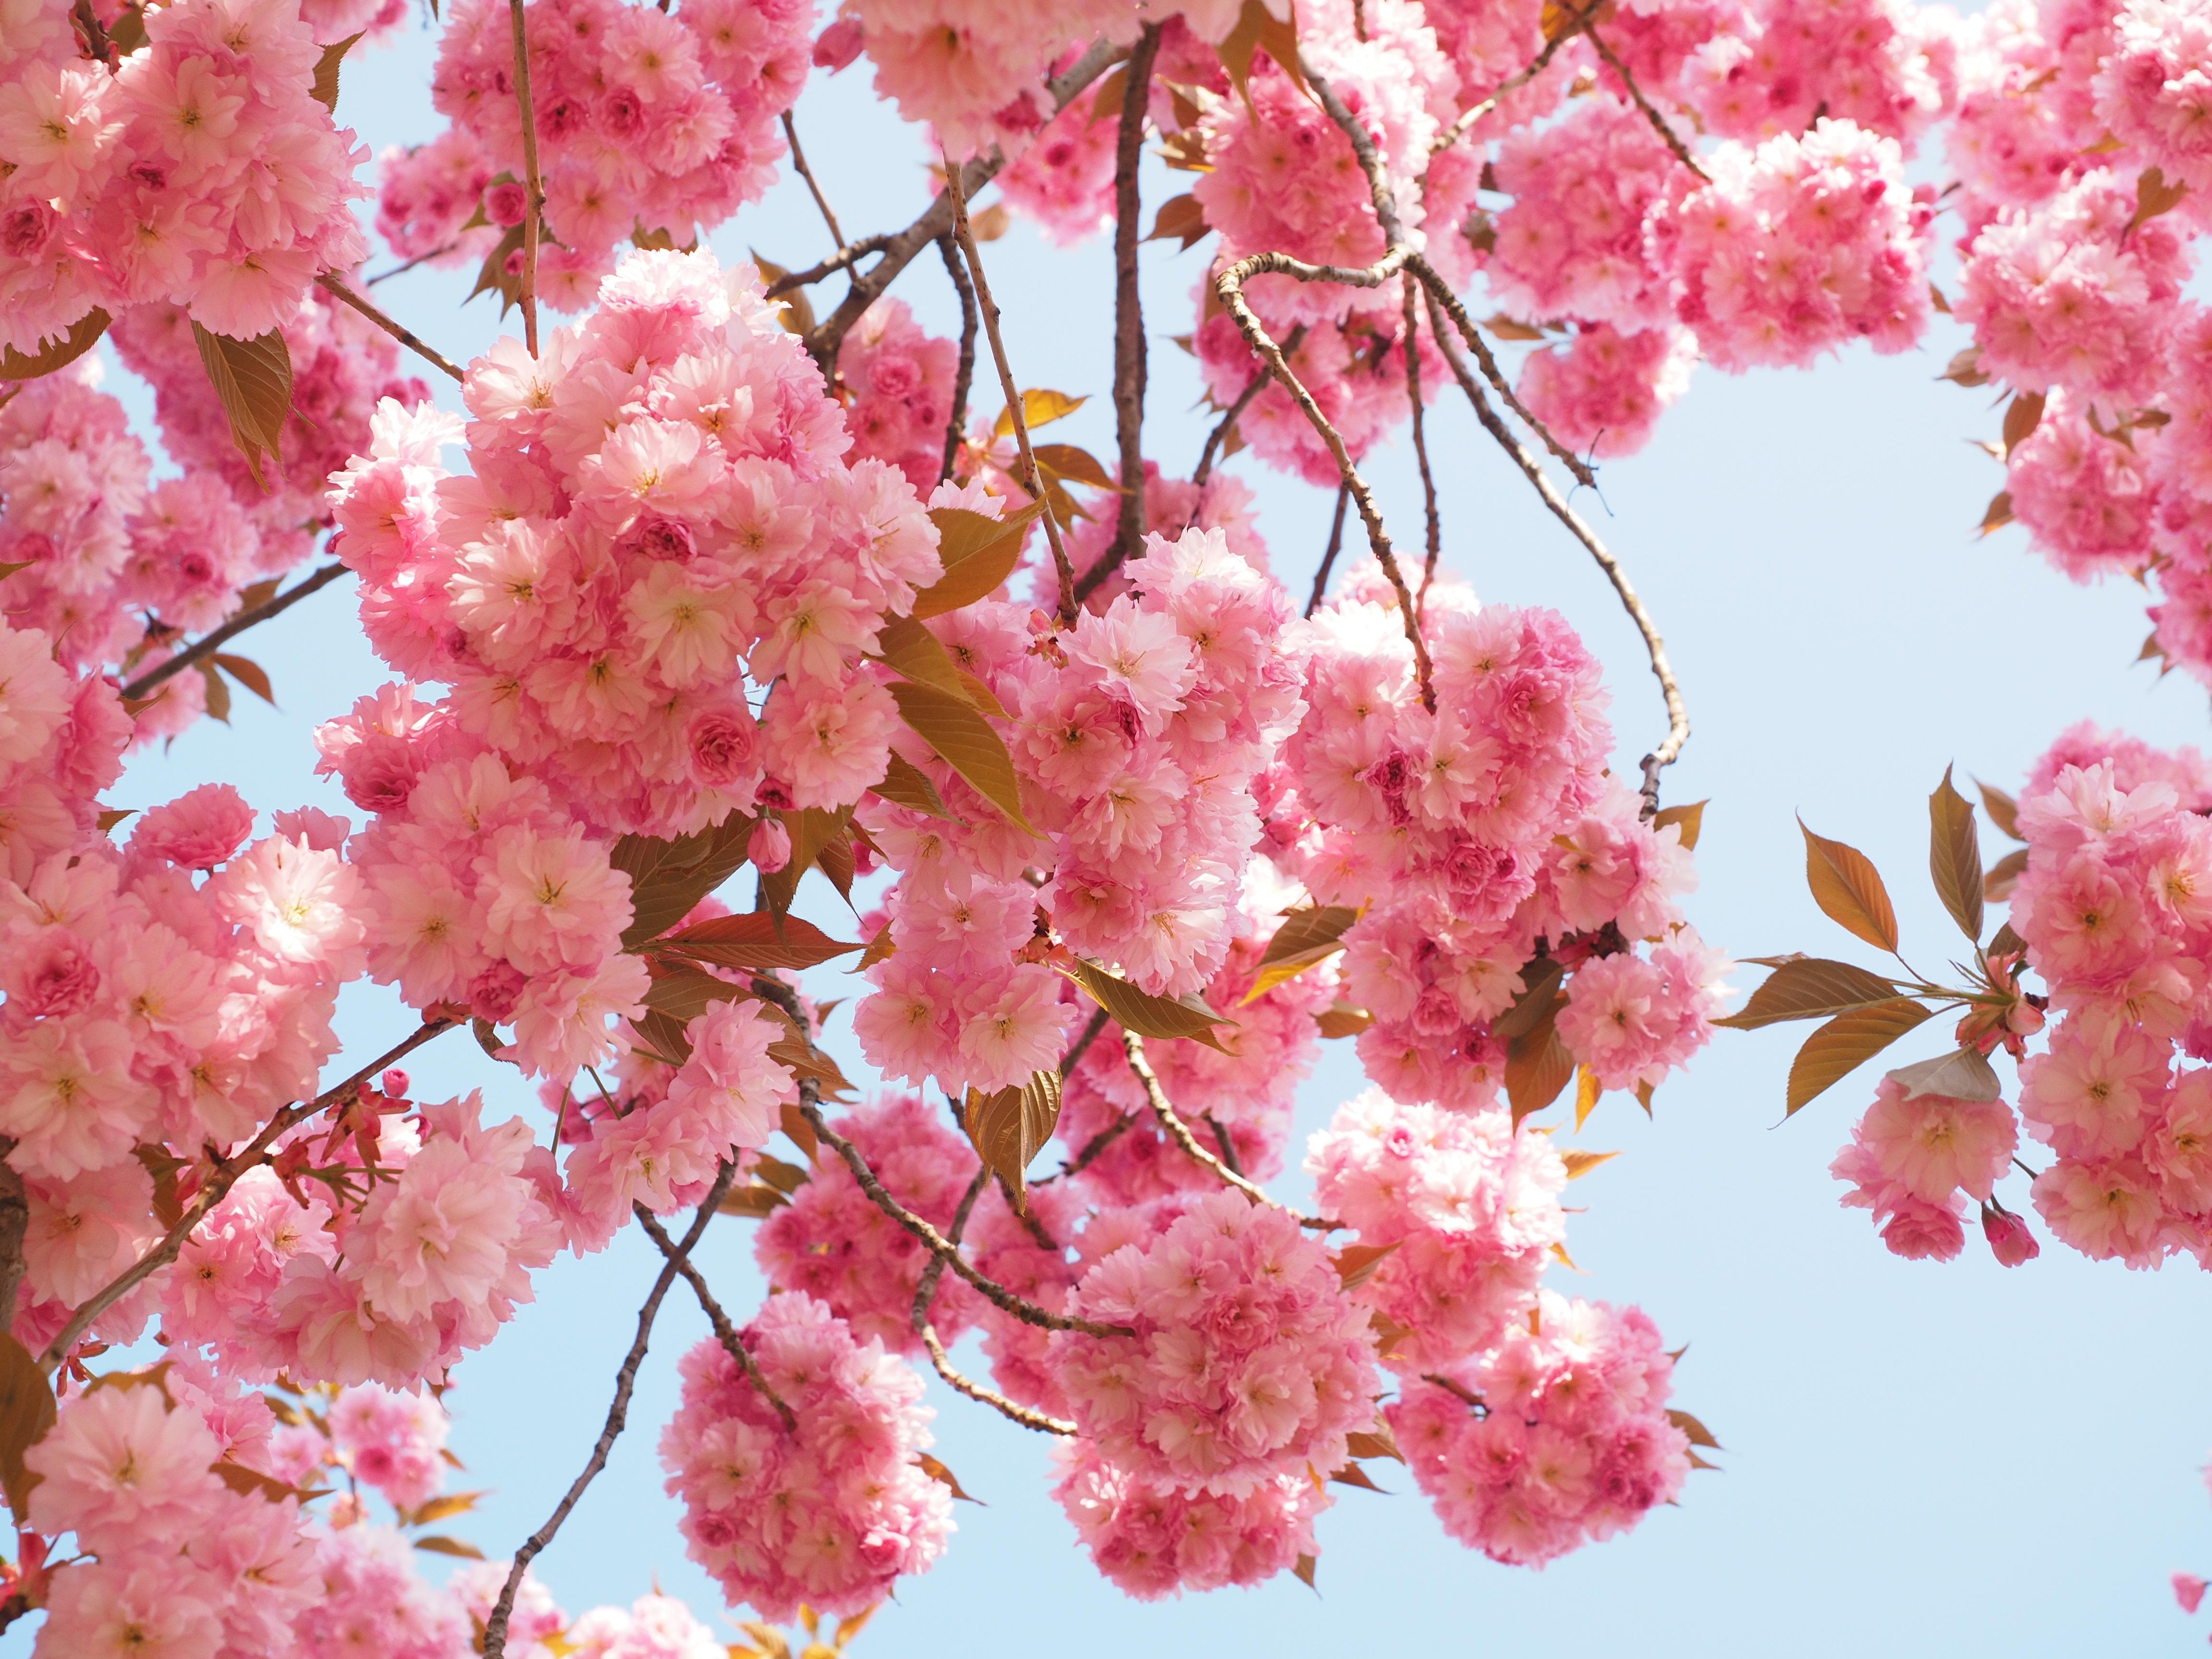 Arbol De Cerezo Japones fotos gratis : árbol, rama, fruta, pétalo, florecer, comida